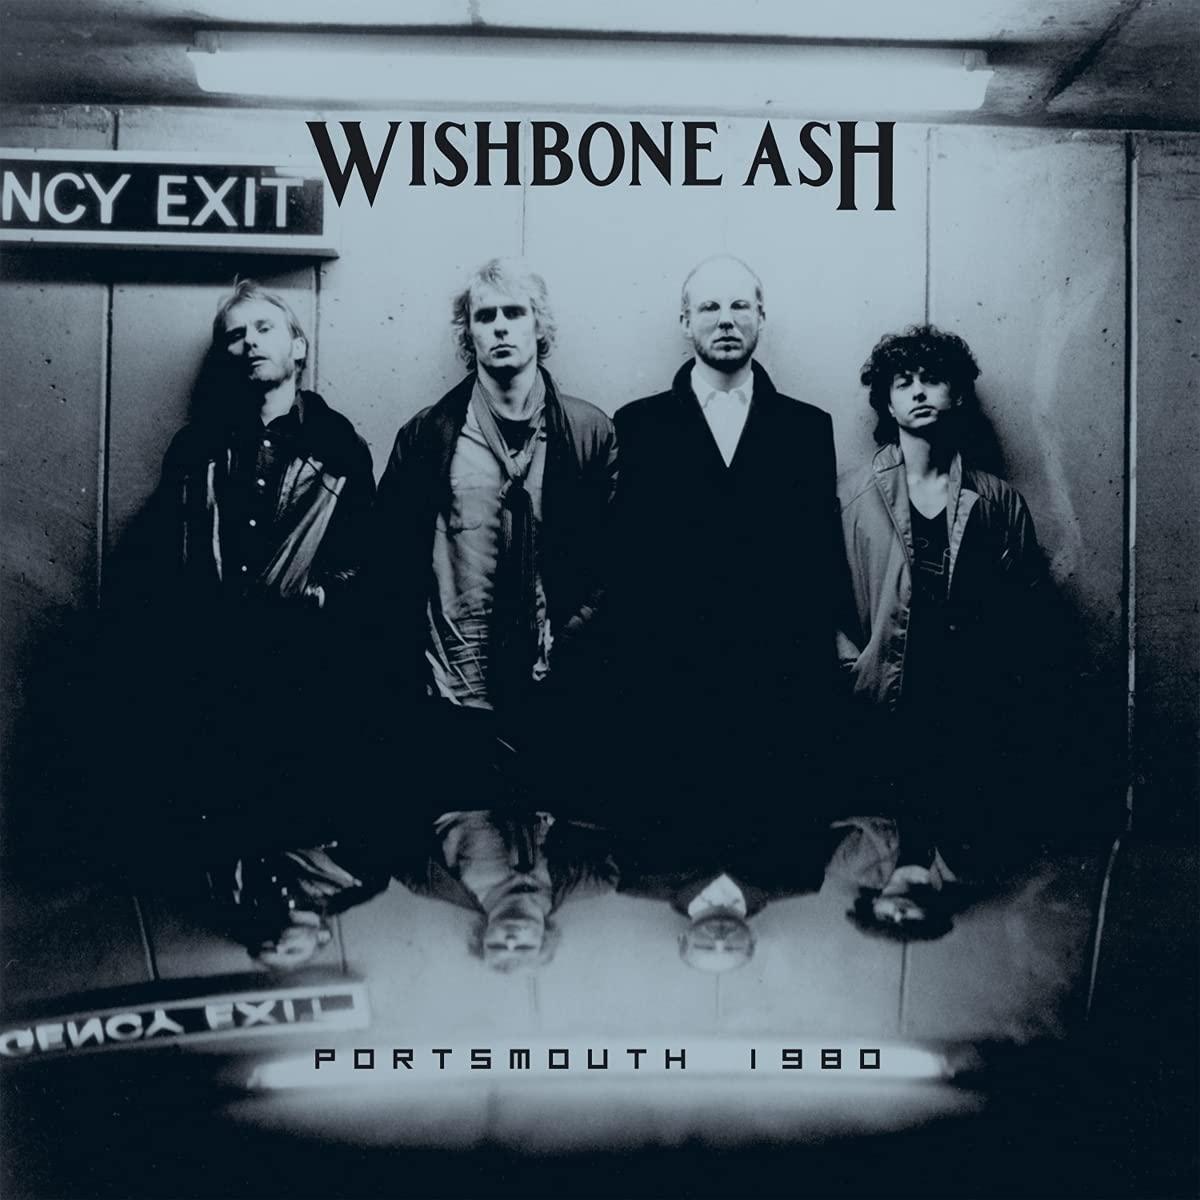 Portsmouth 1980 2 CD, Digipack